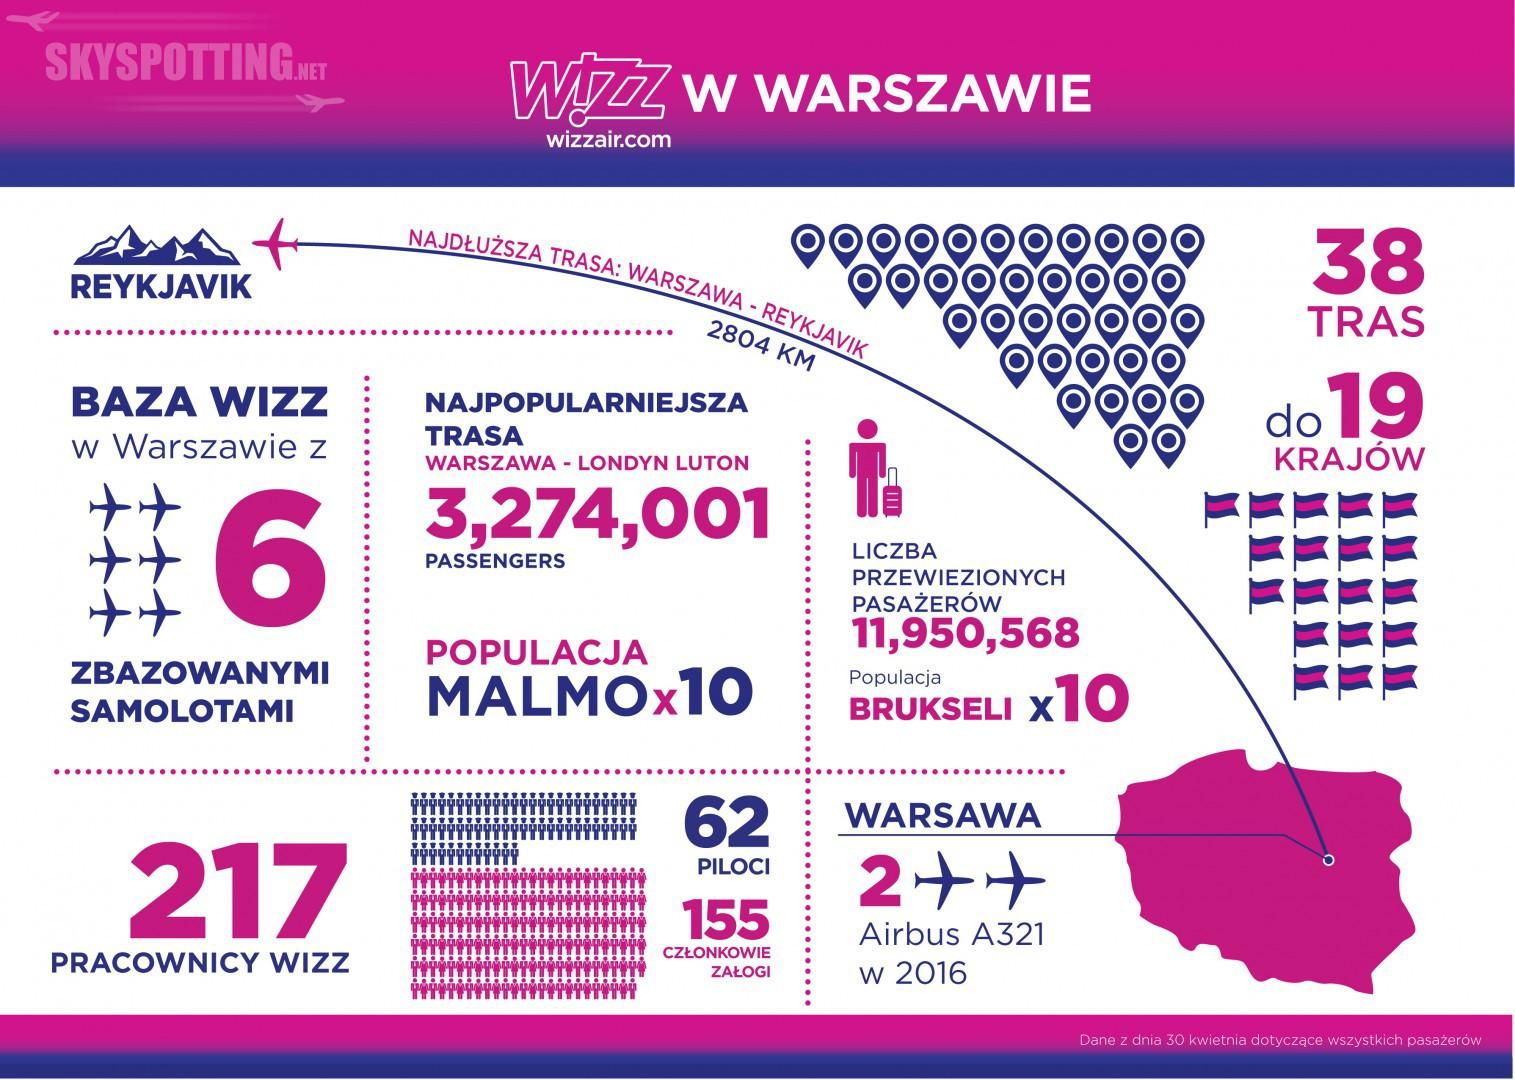 WIZZ_FLYAROUND_Infogr_WARSAW-12